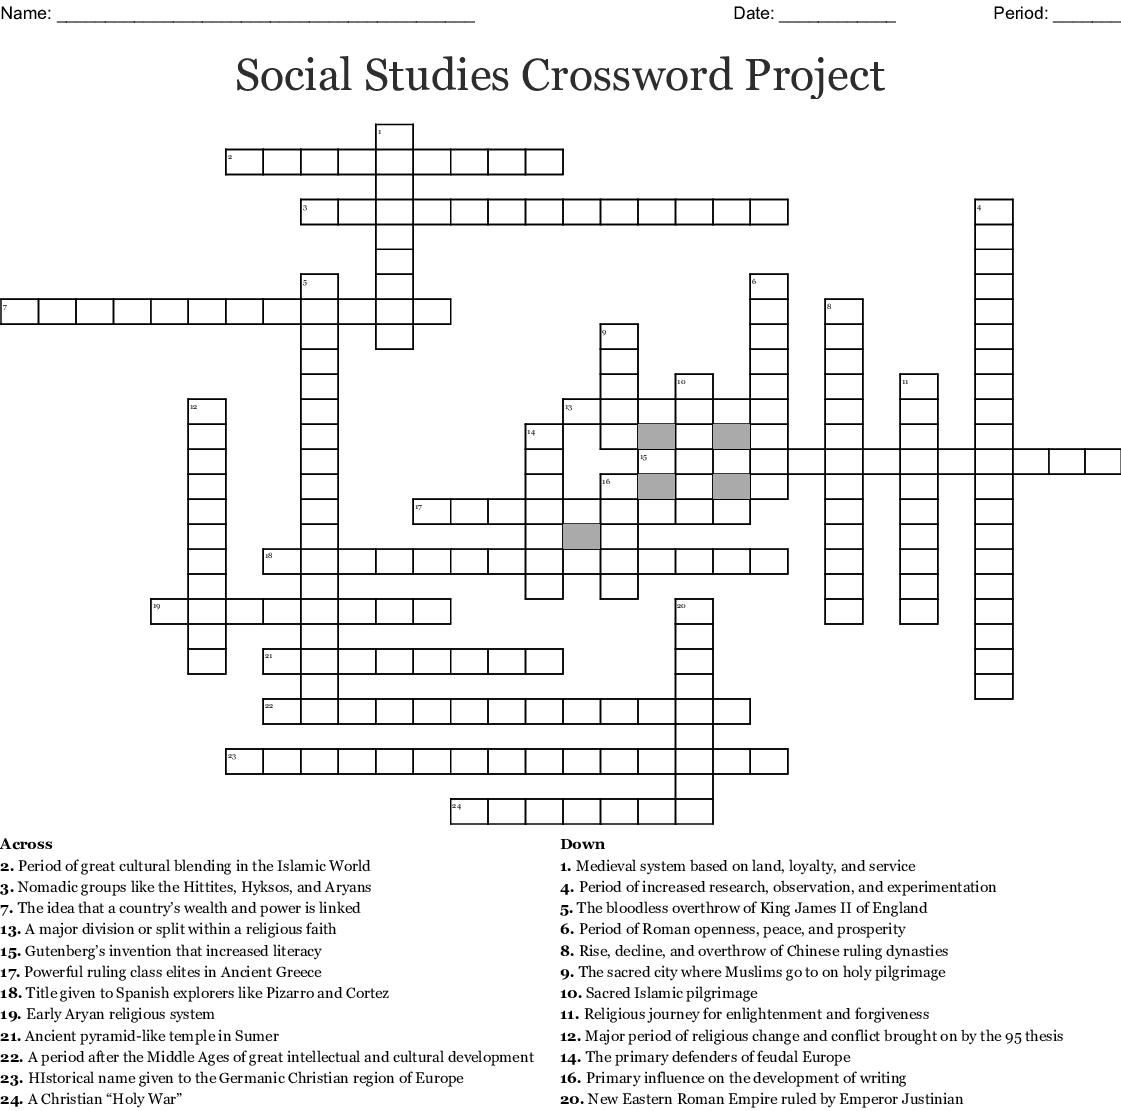 Social Stu S Crossword Project